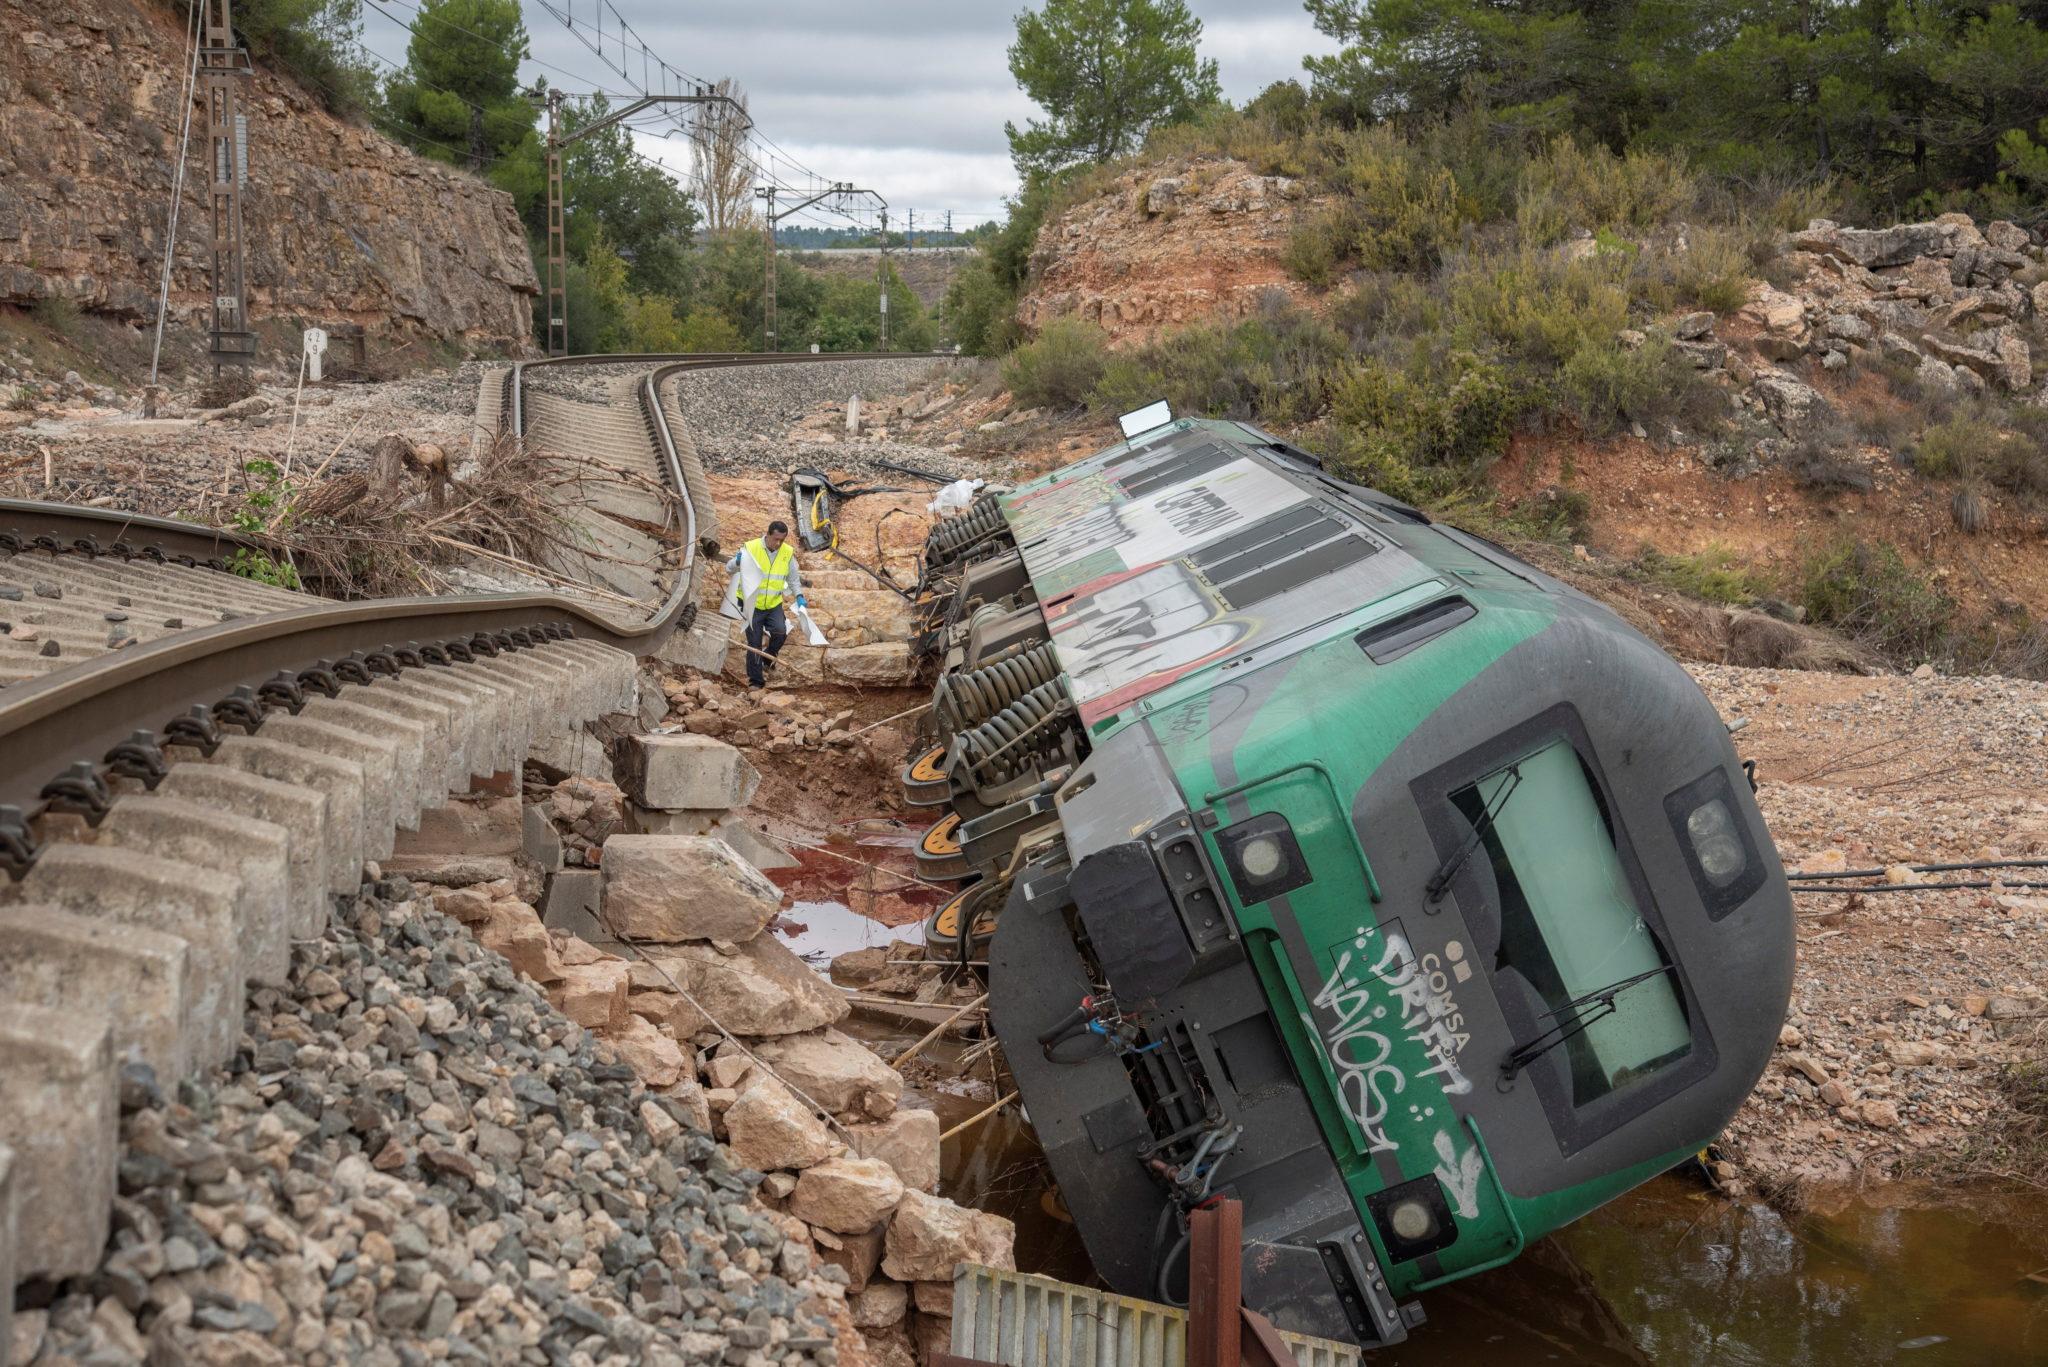 Z powodu ulewnych deszczów w Hiszpanii doszło do wykolejenia się pociągu towarowego. fot. EPA/ADRIAN ROPERO